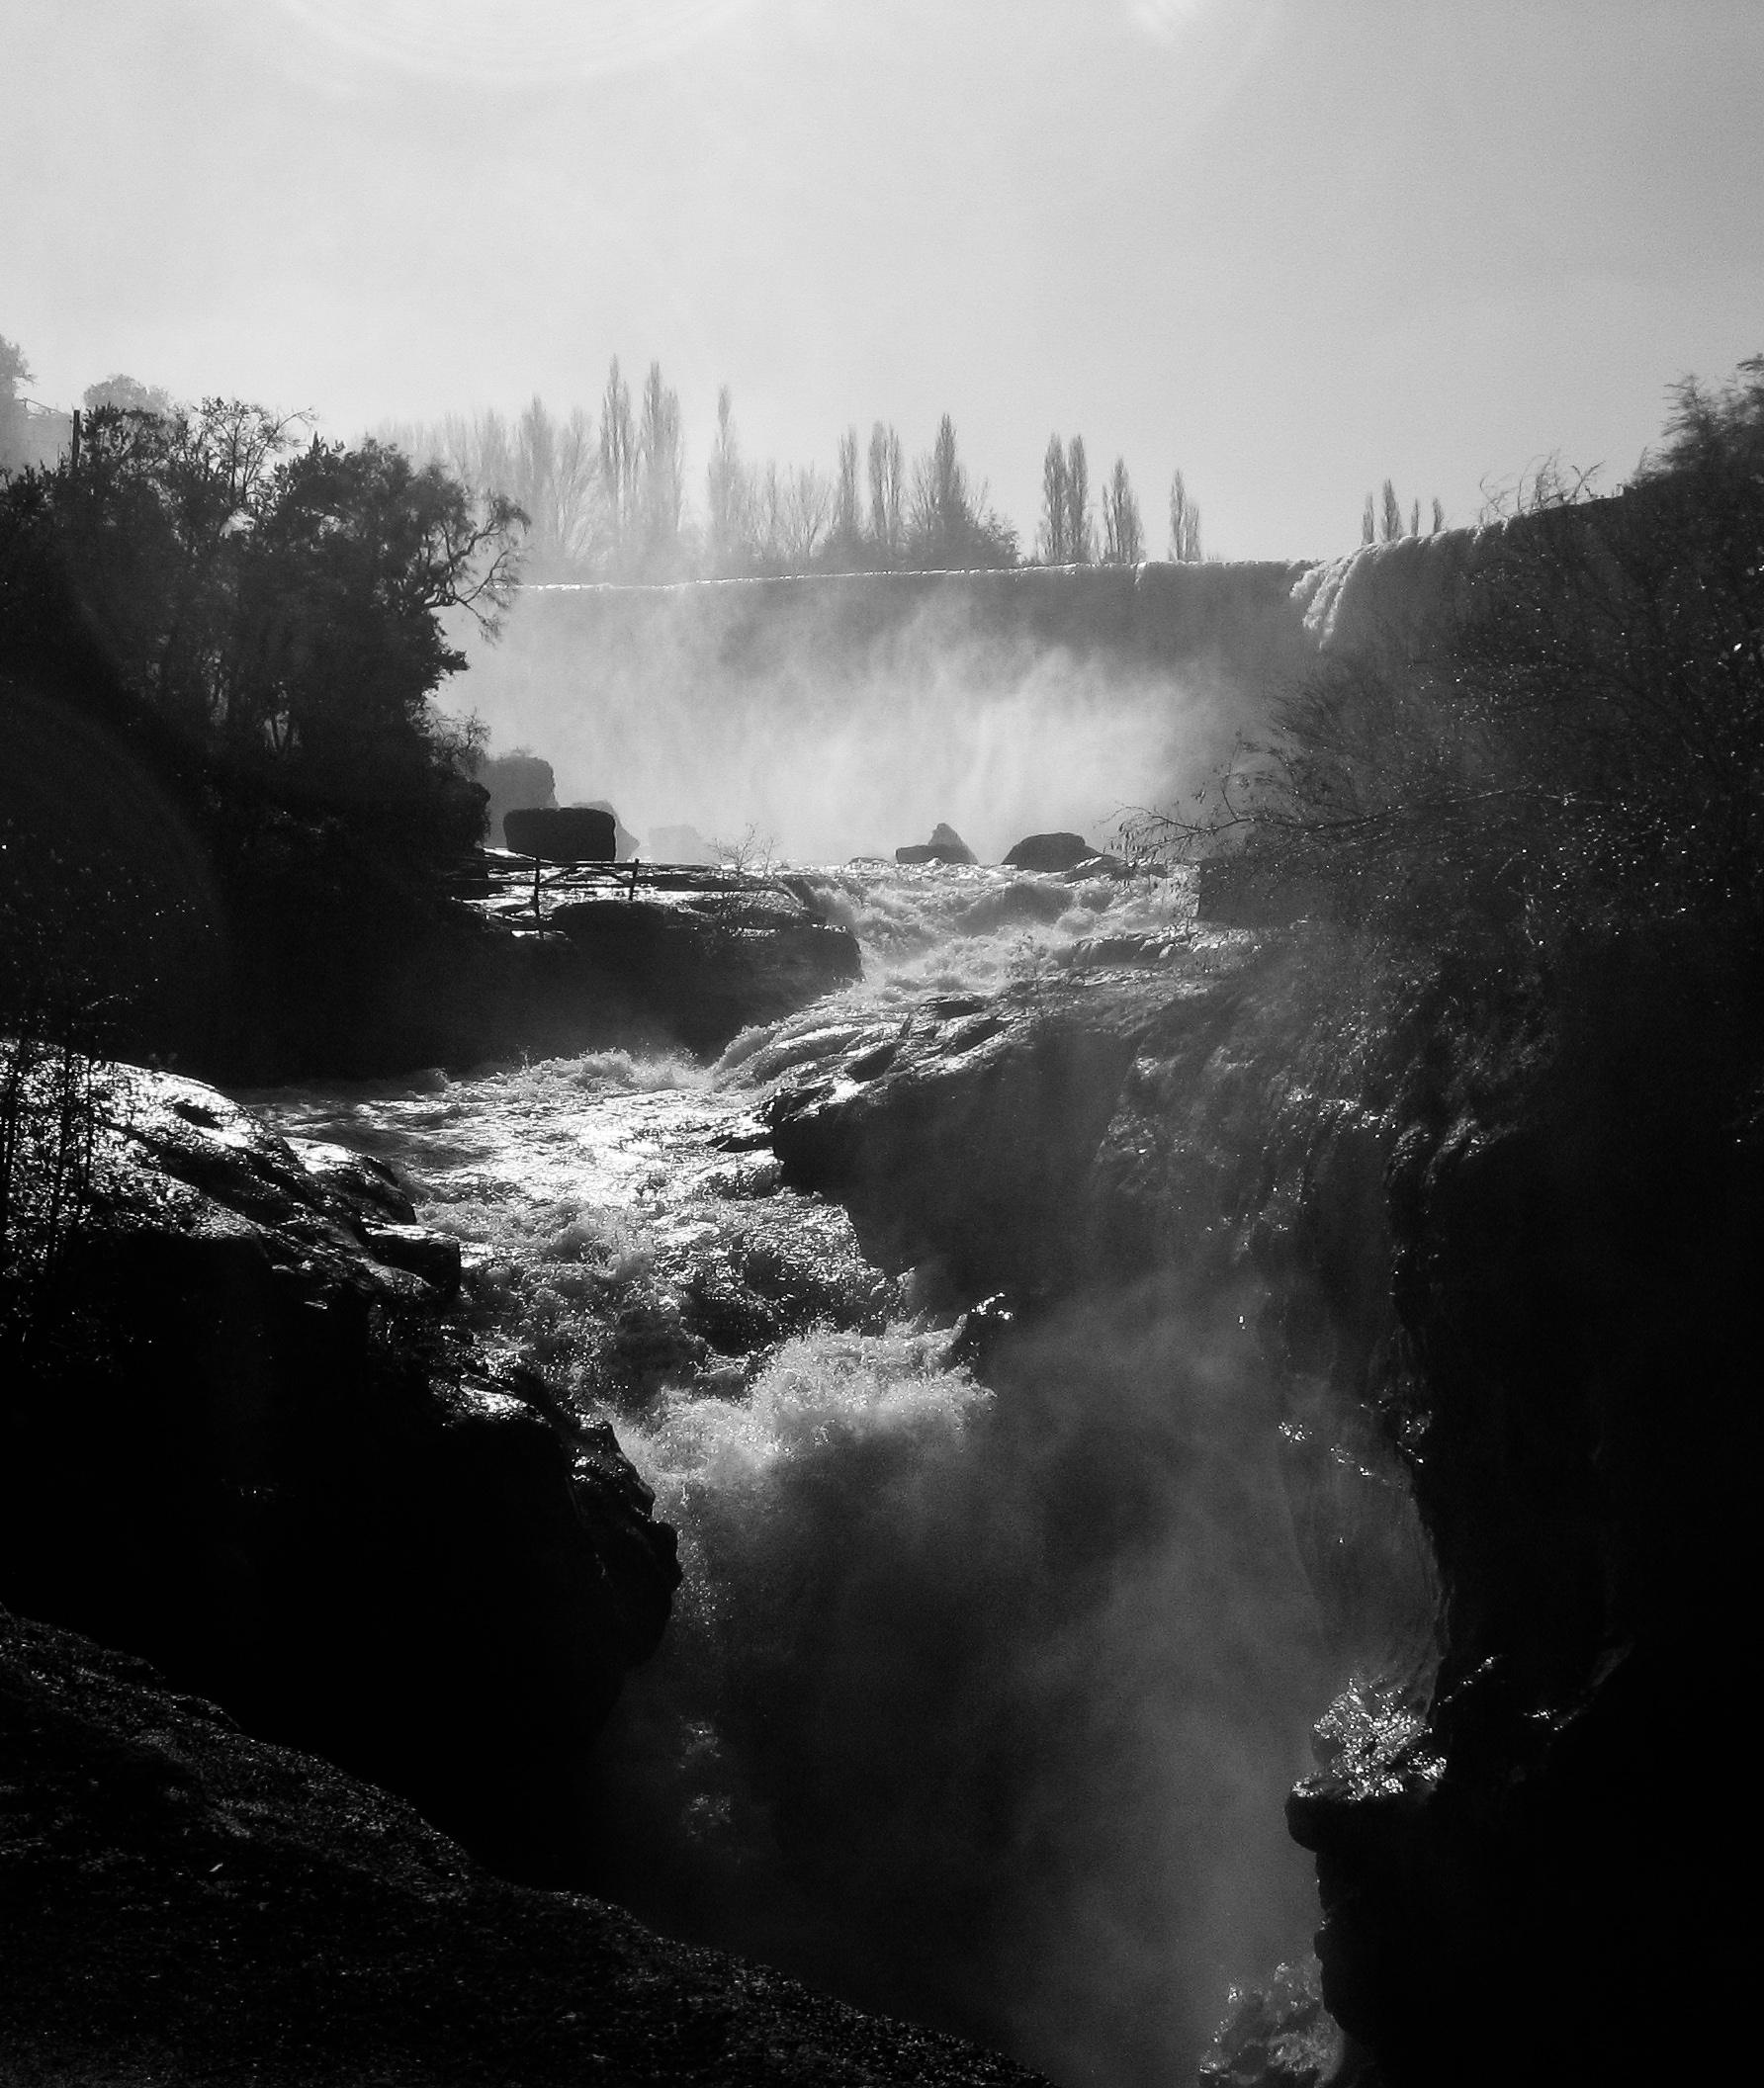 los-angeles_waterfall-9886-_steamy-rapid-into-dark-drop.jpg